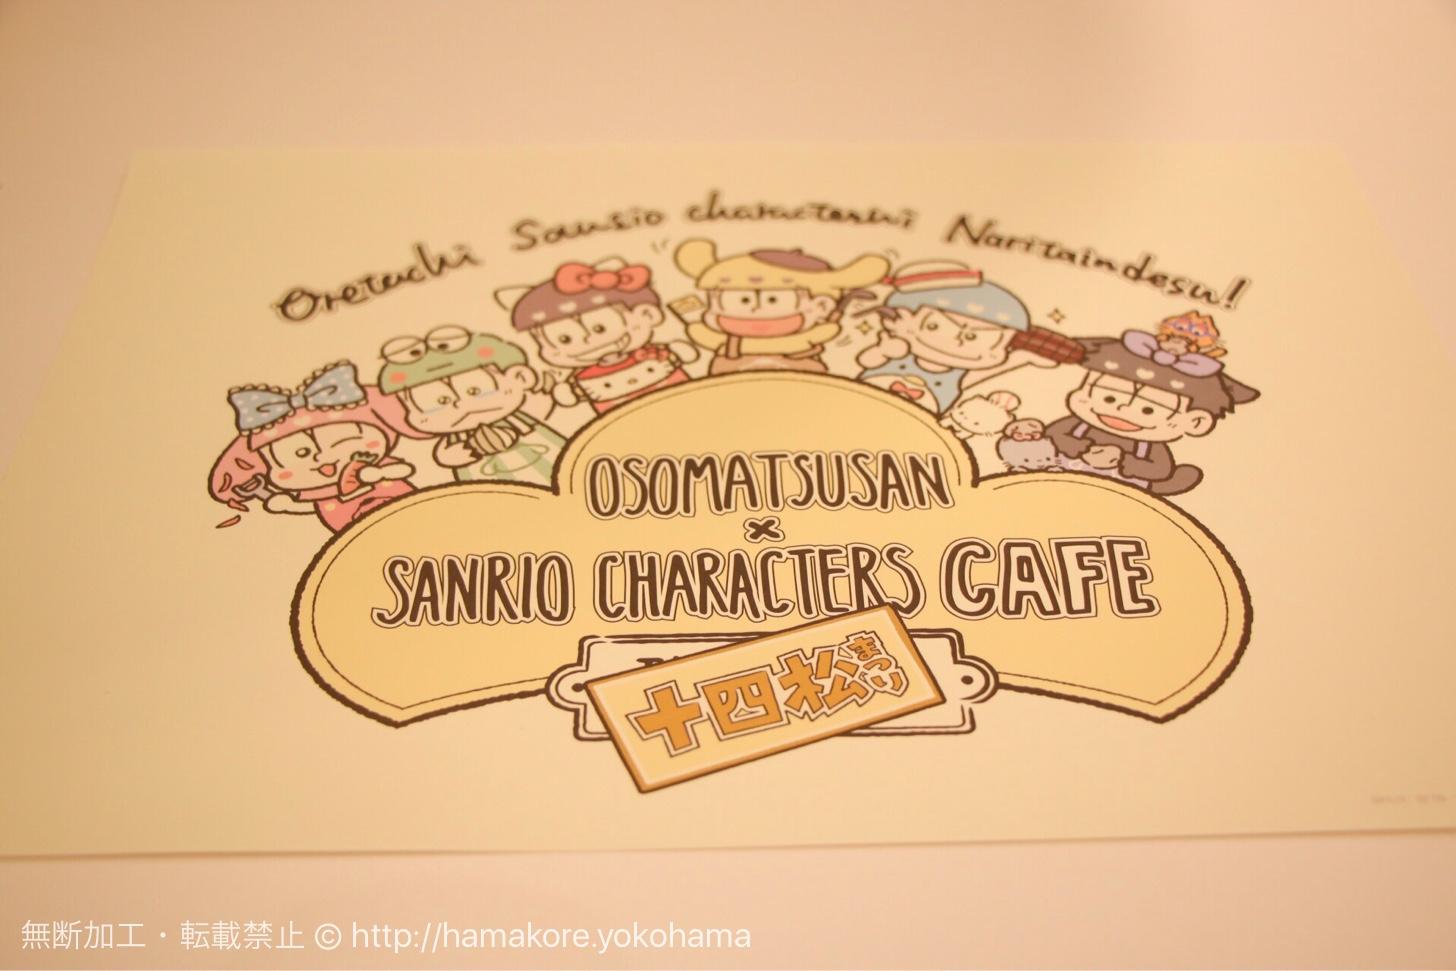 おそ松さん×サンリオキャラクターのランチョンマット